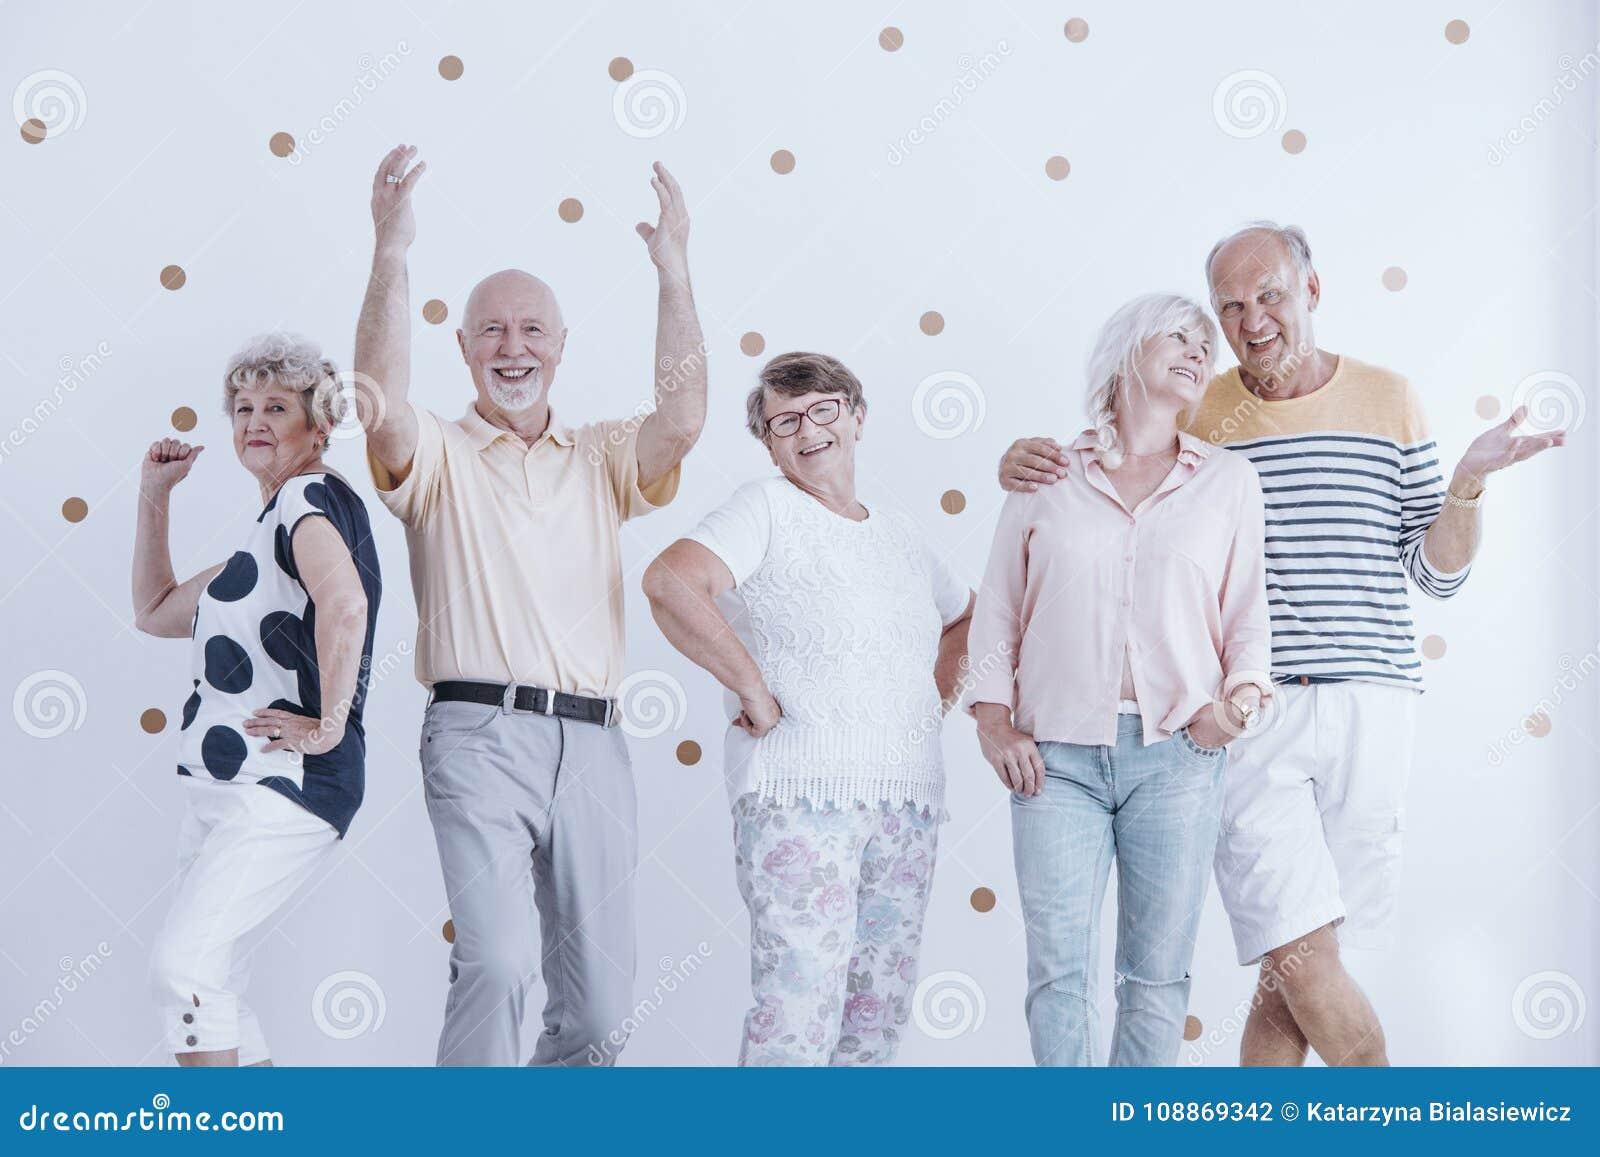 Пожилые друзья танцуя и говоря